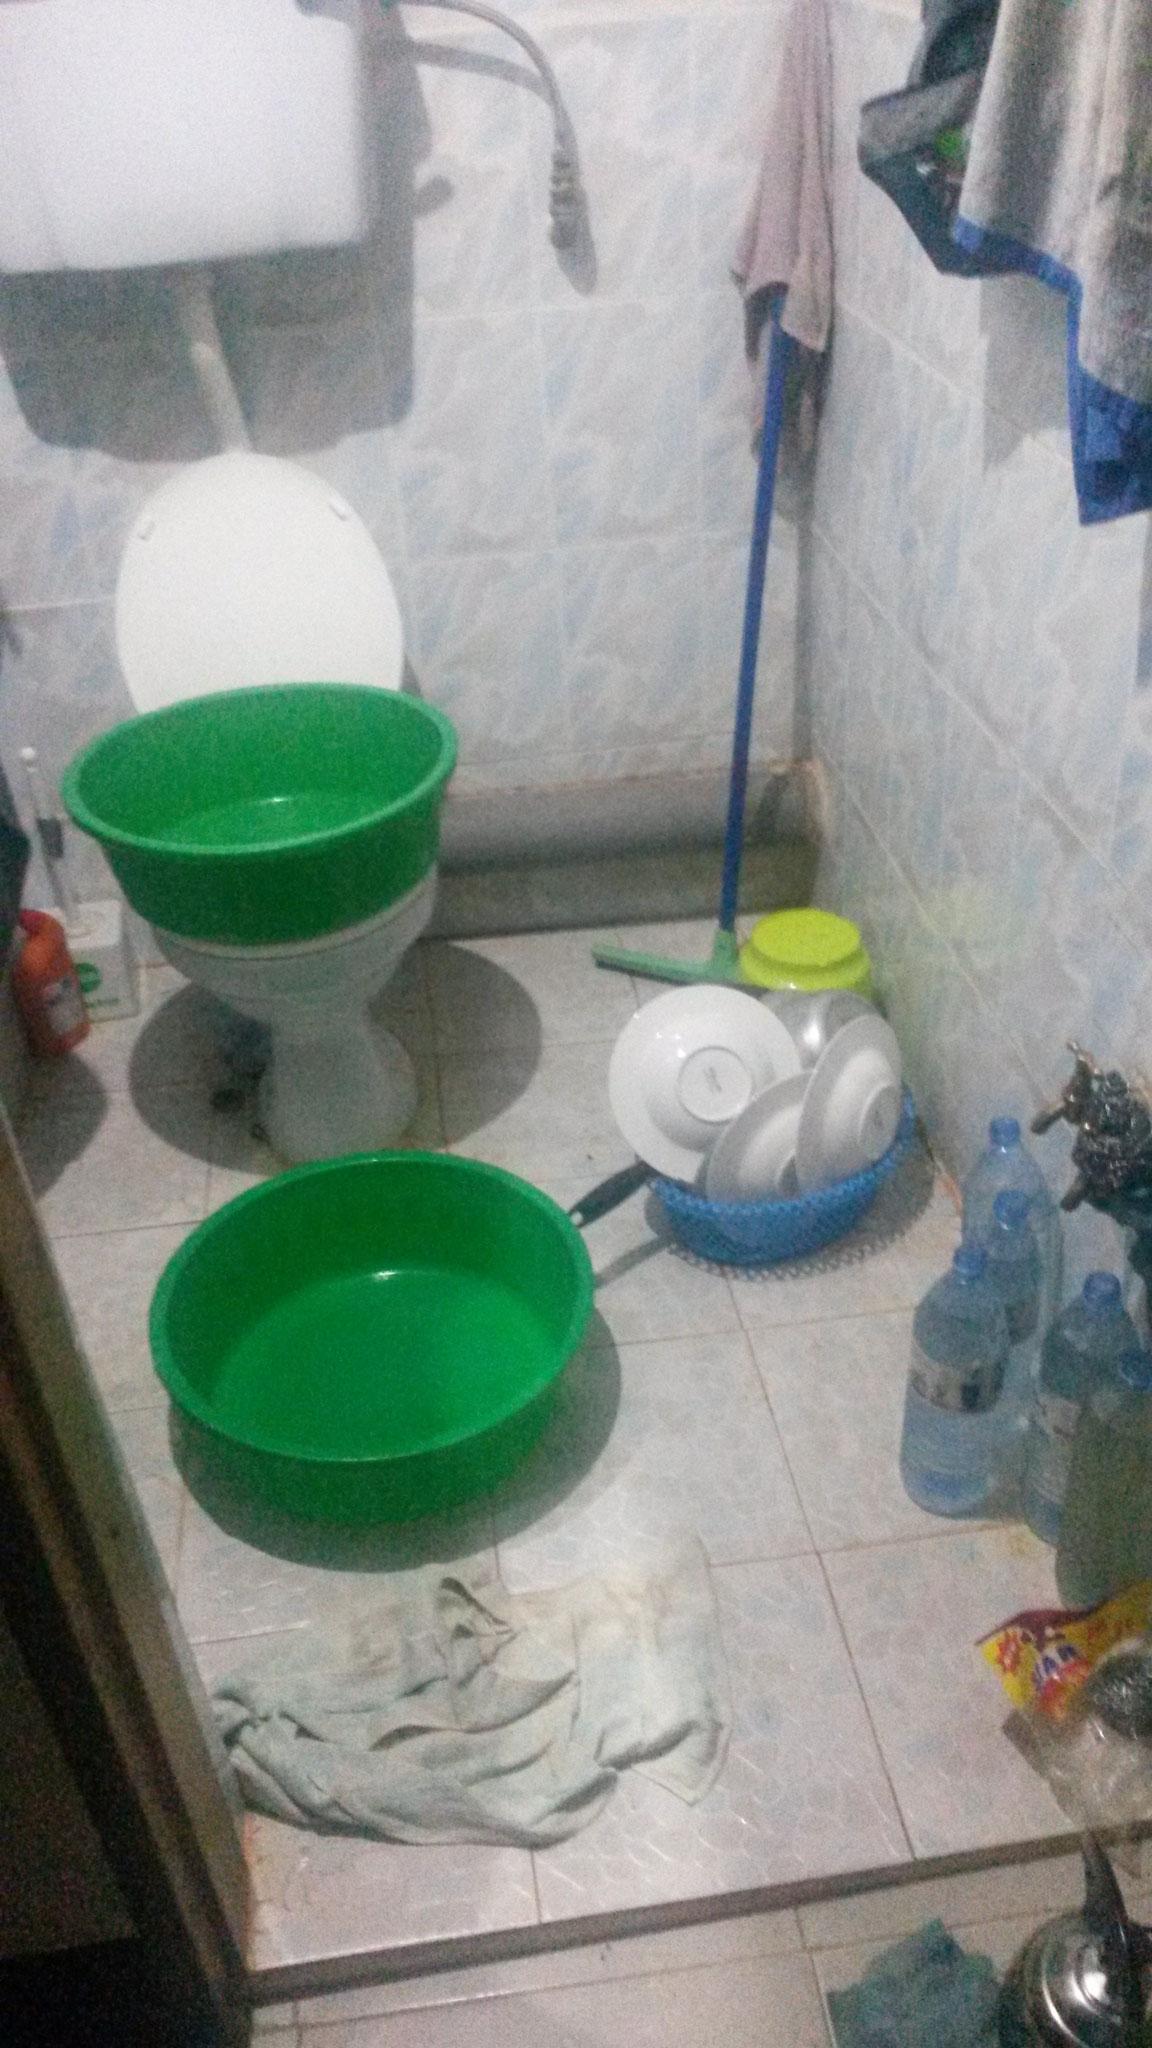 Bad, die grünen Waschschüsseln sind Dusche, Spüle, Putzeimer und Waschmaschine zugleich